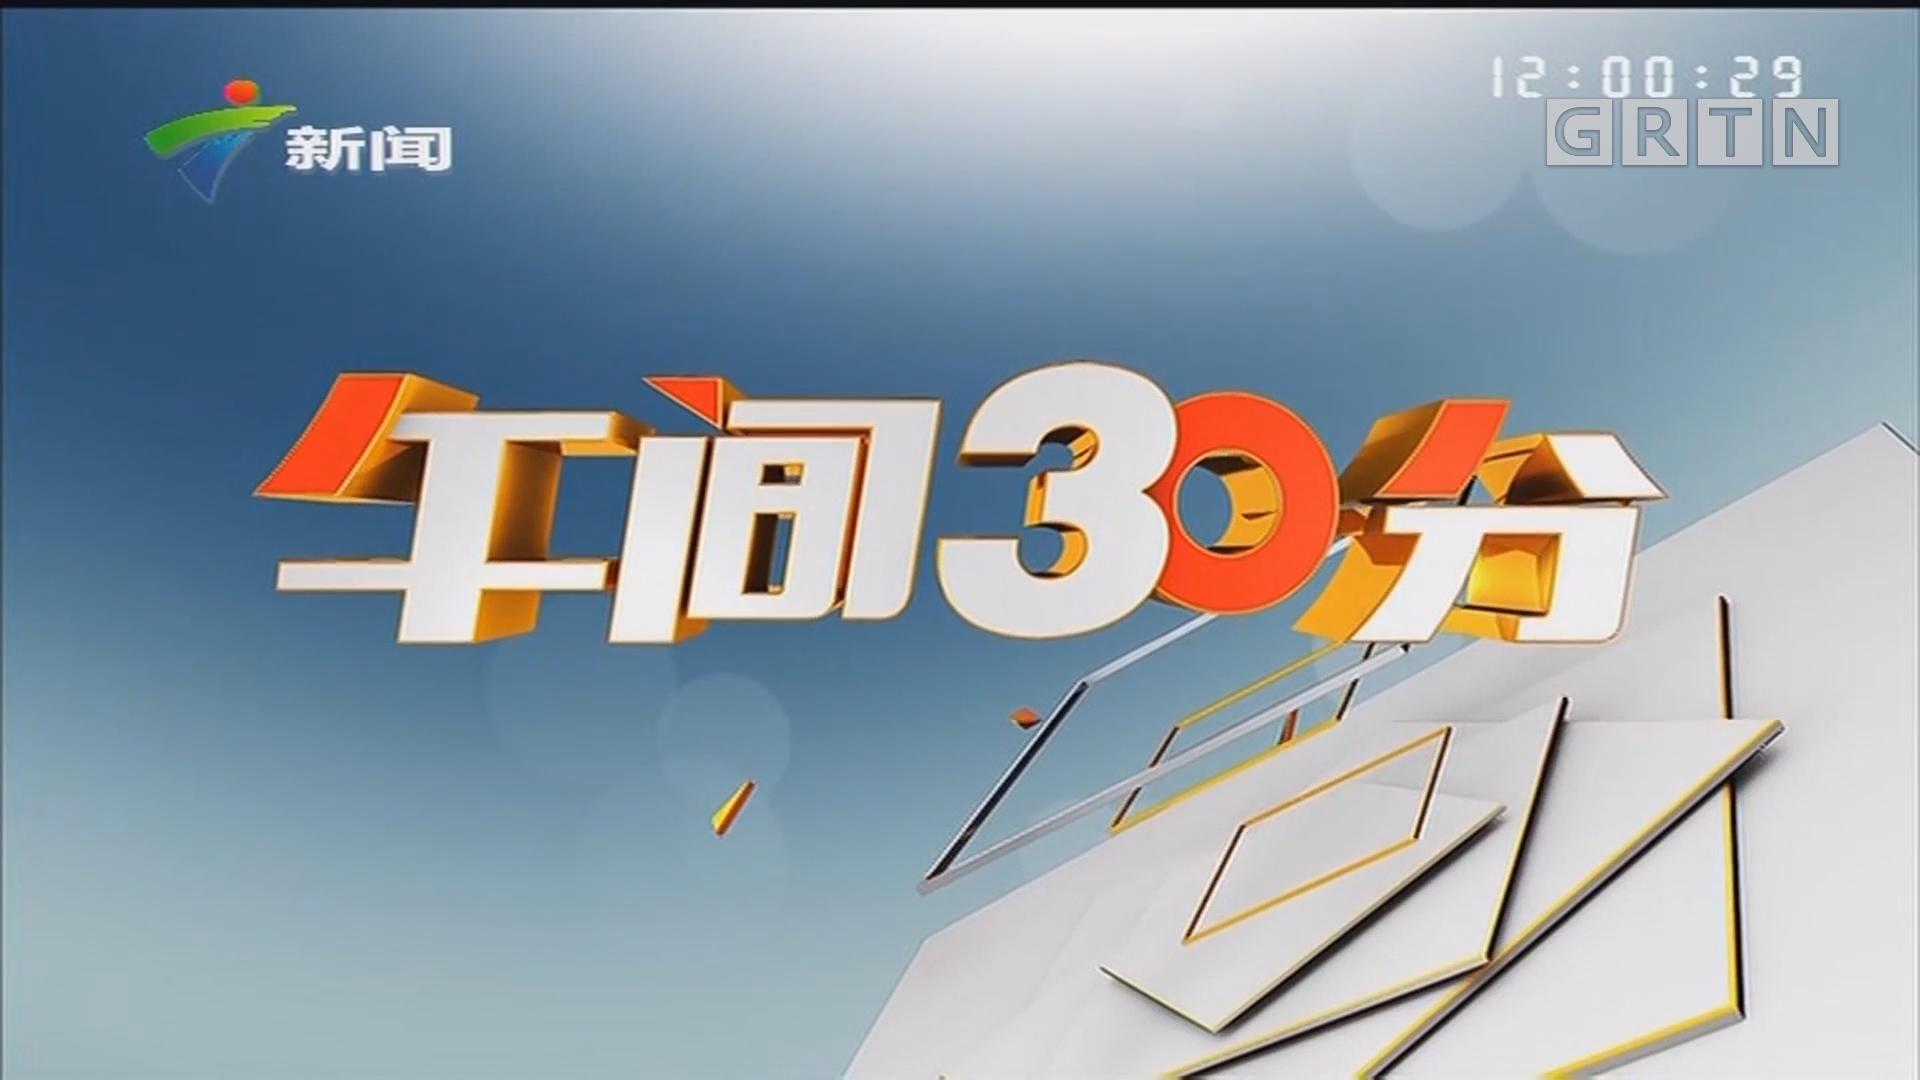 [HD][2019-07-24]午间30分:中山:中国首艘自主研发甲醇燃料动力船艇正式下水